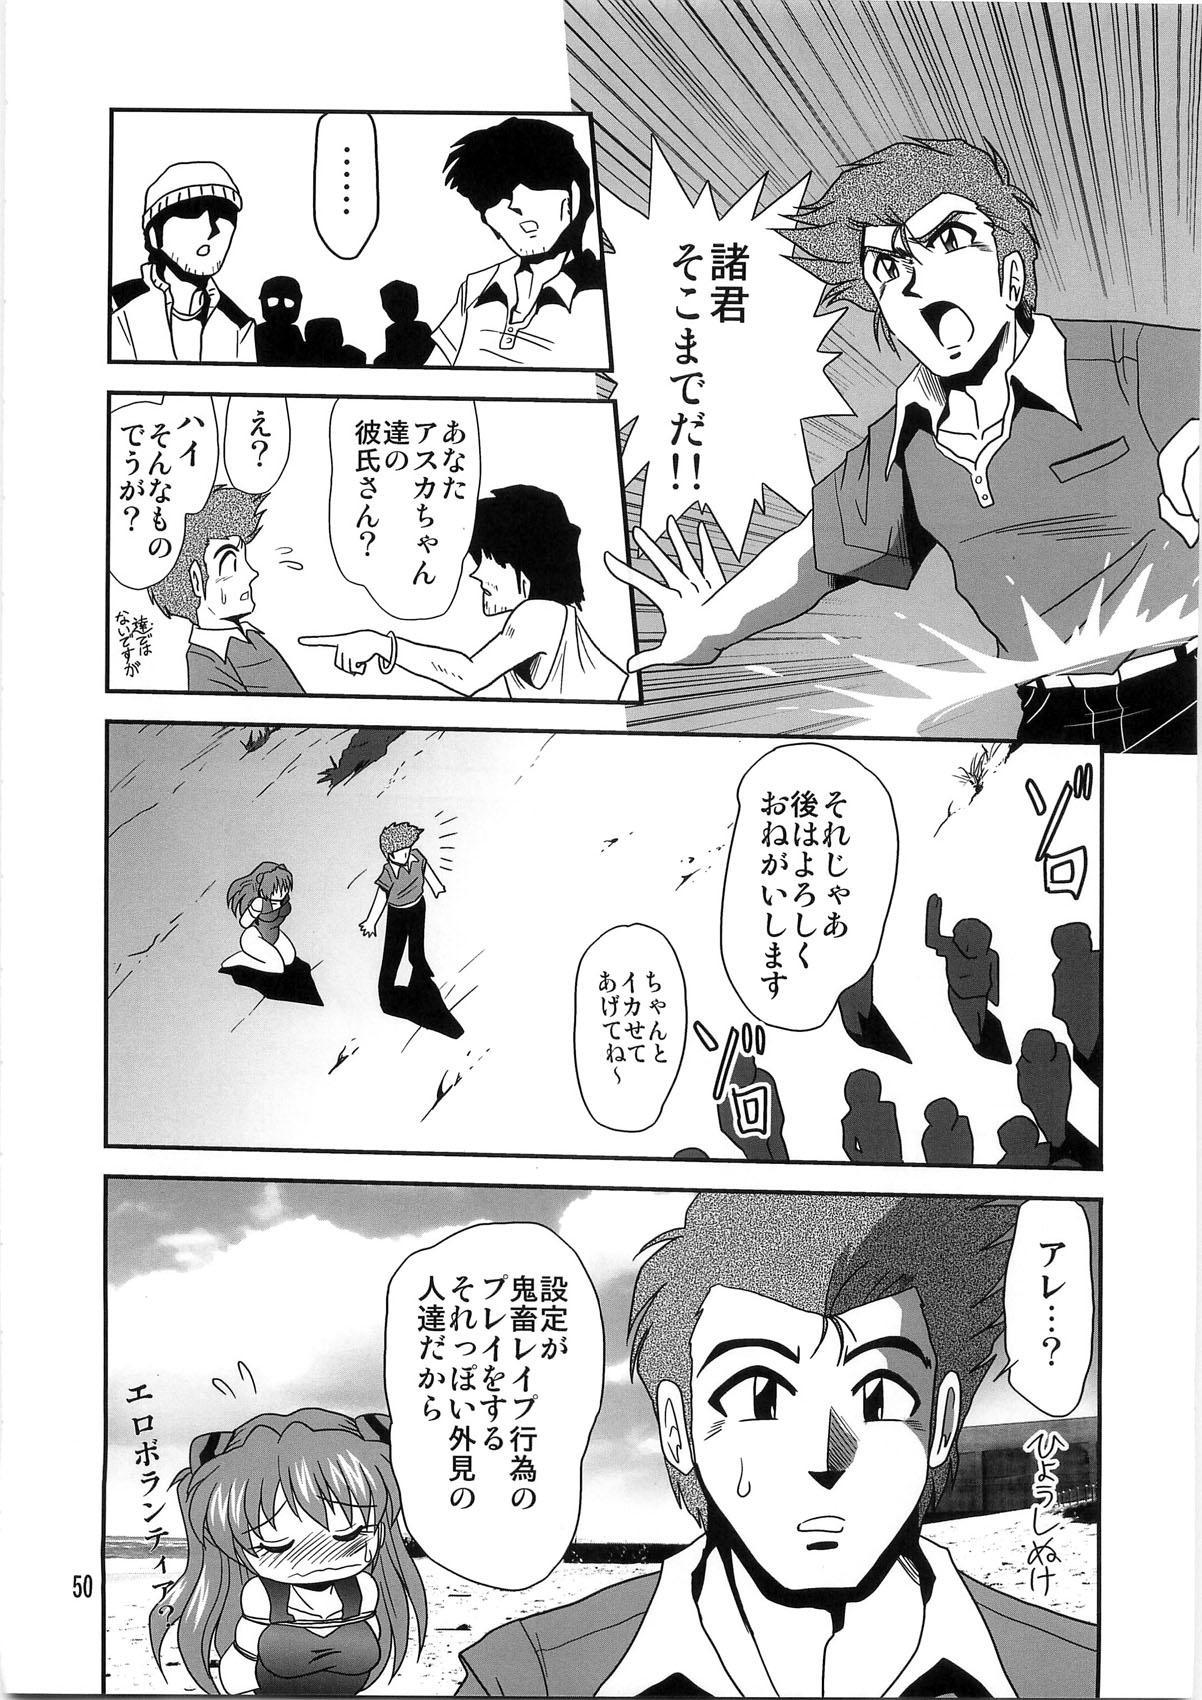 Second Uchuu Keikaku 4 49